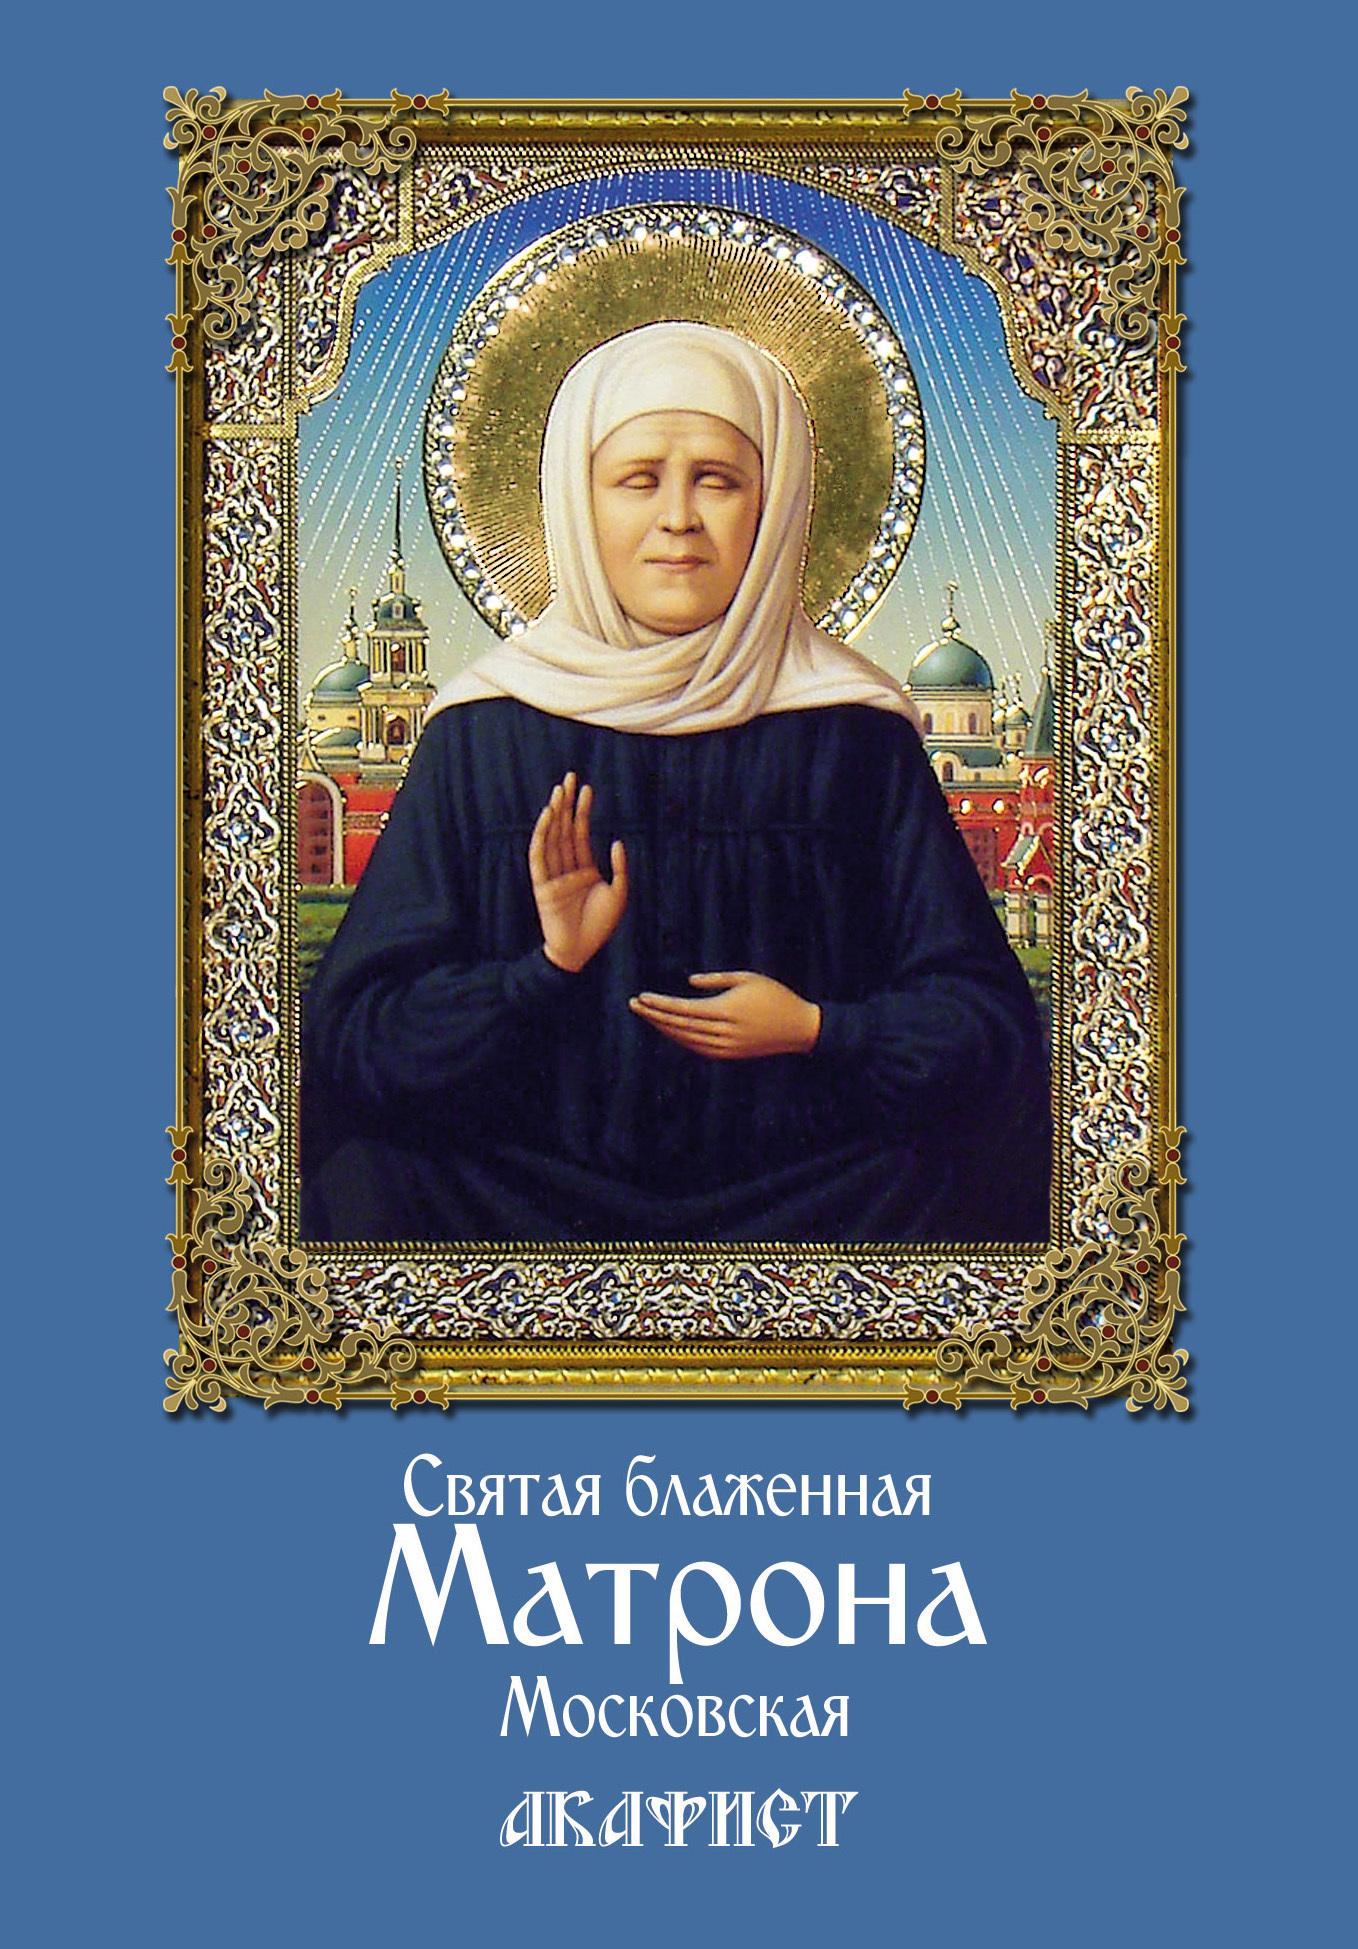 Сборник Святая блаженная Матрона Московская. Акафист колокол матрона